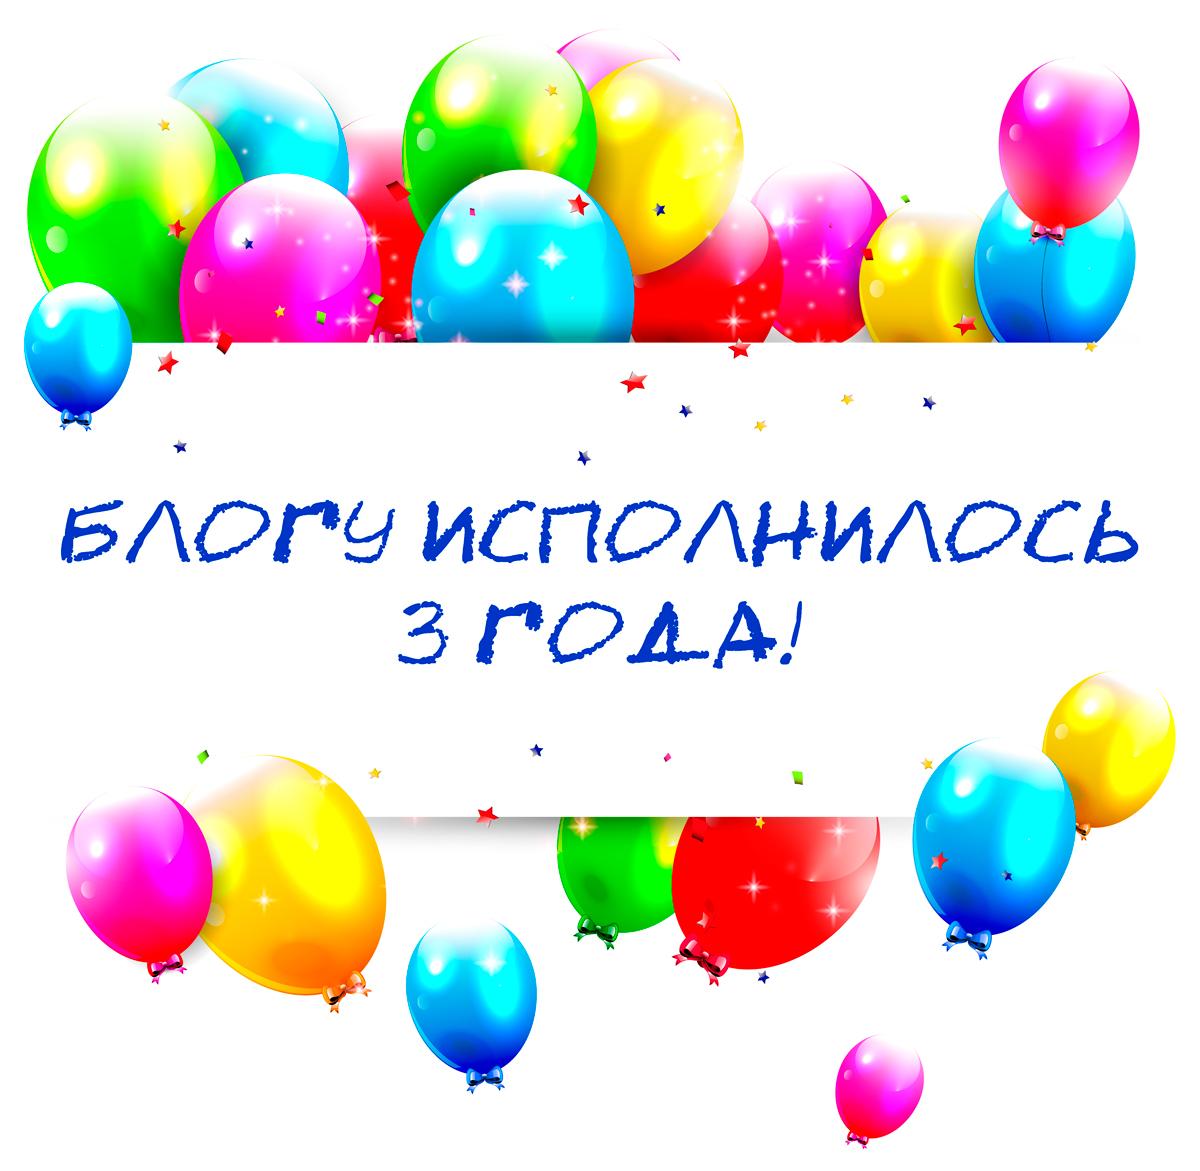 Birthday-3_years